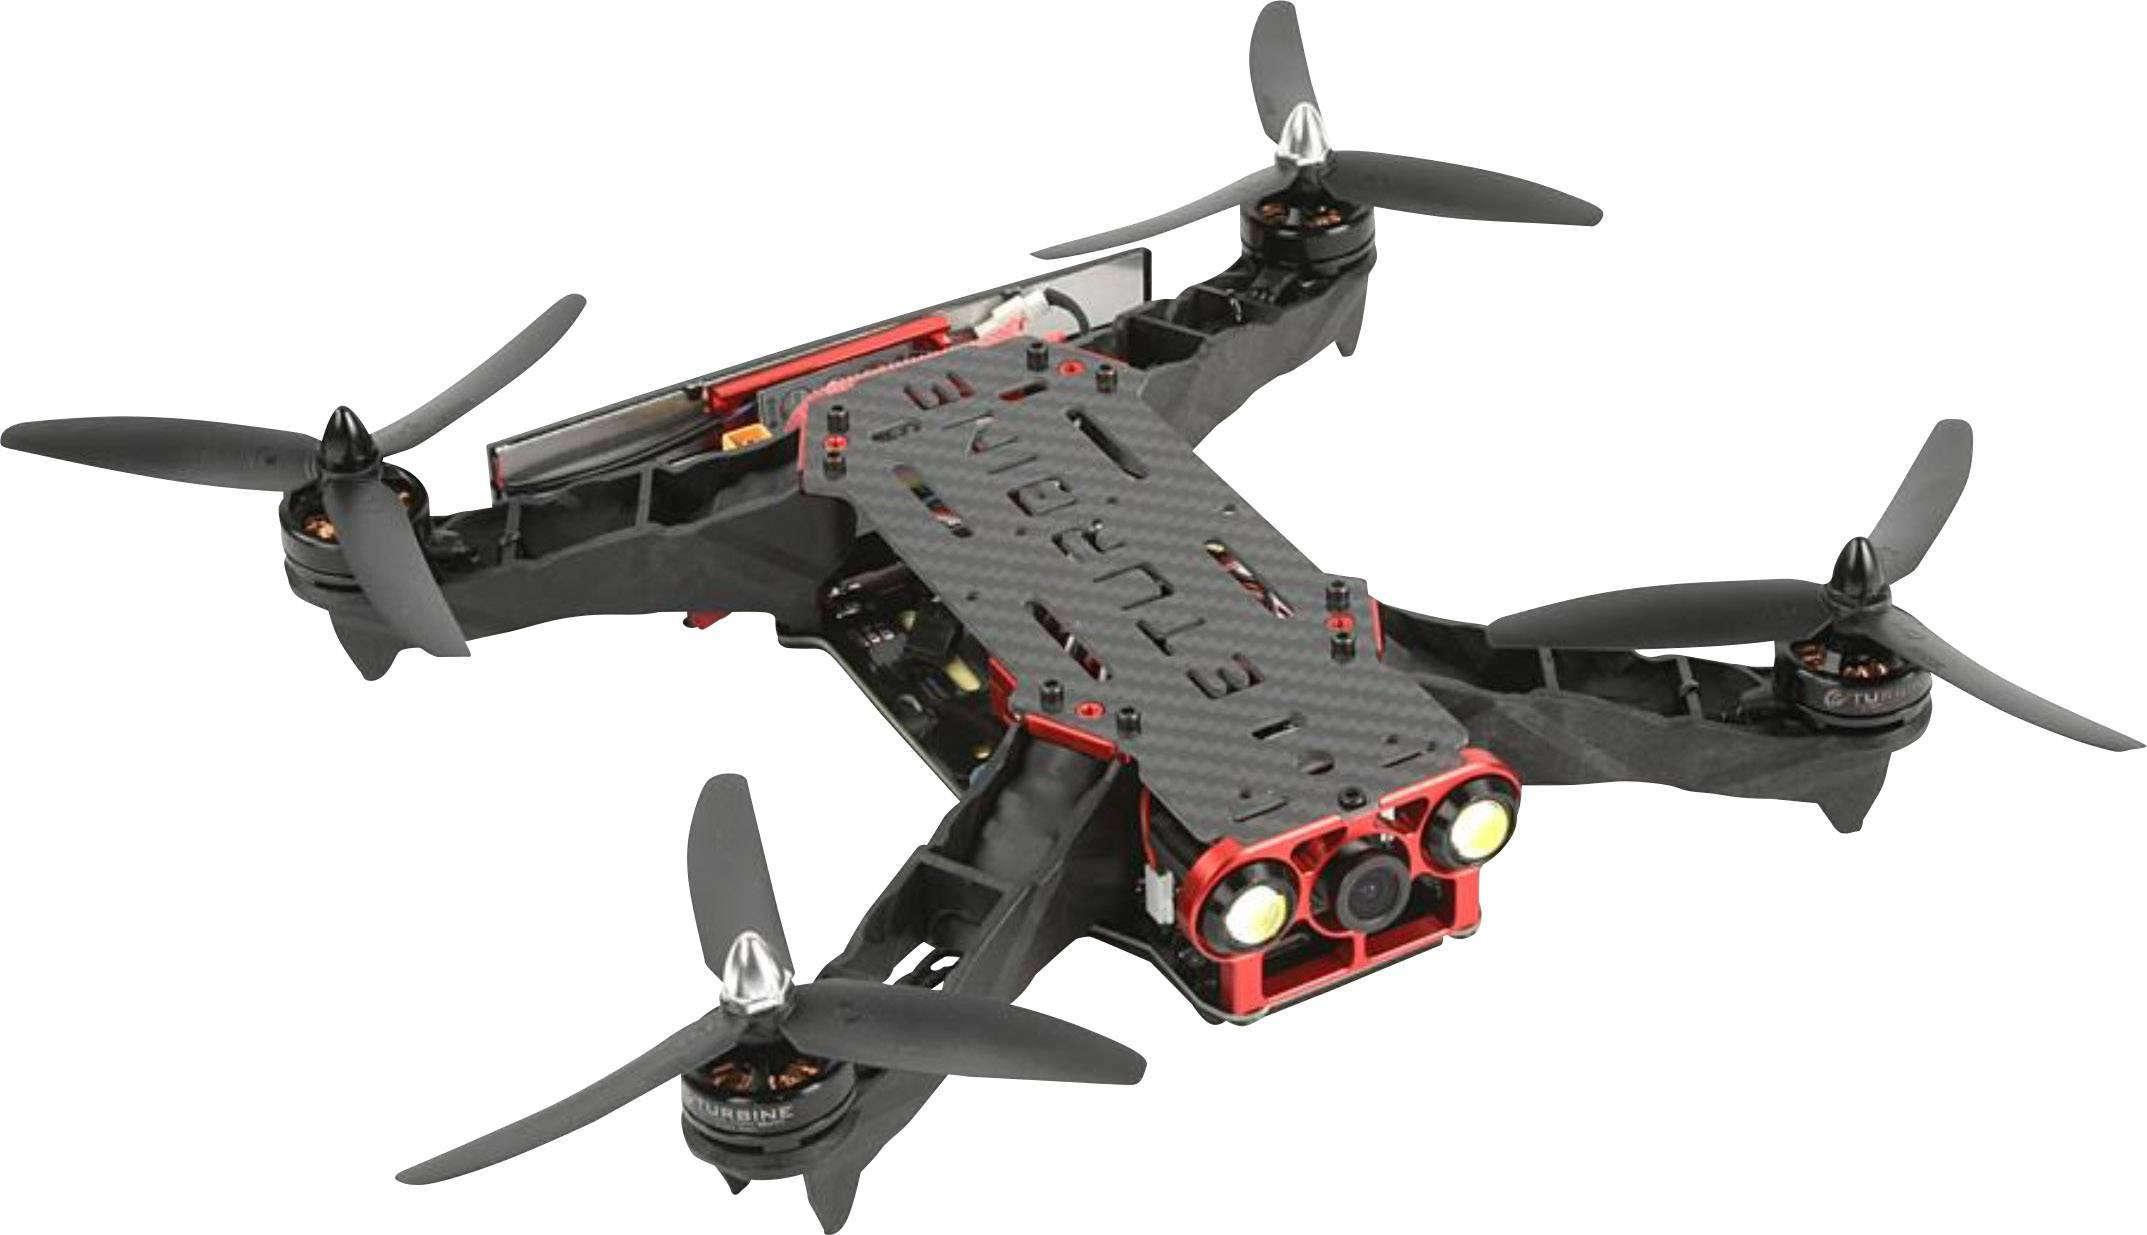 Závodní dron Robitronic FPV 250 Combo Kit, stavebnice FPV Race, profi